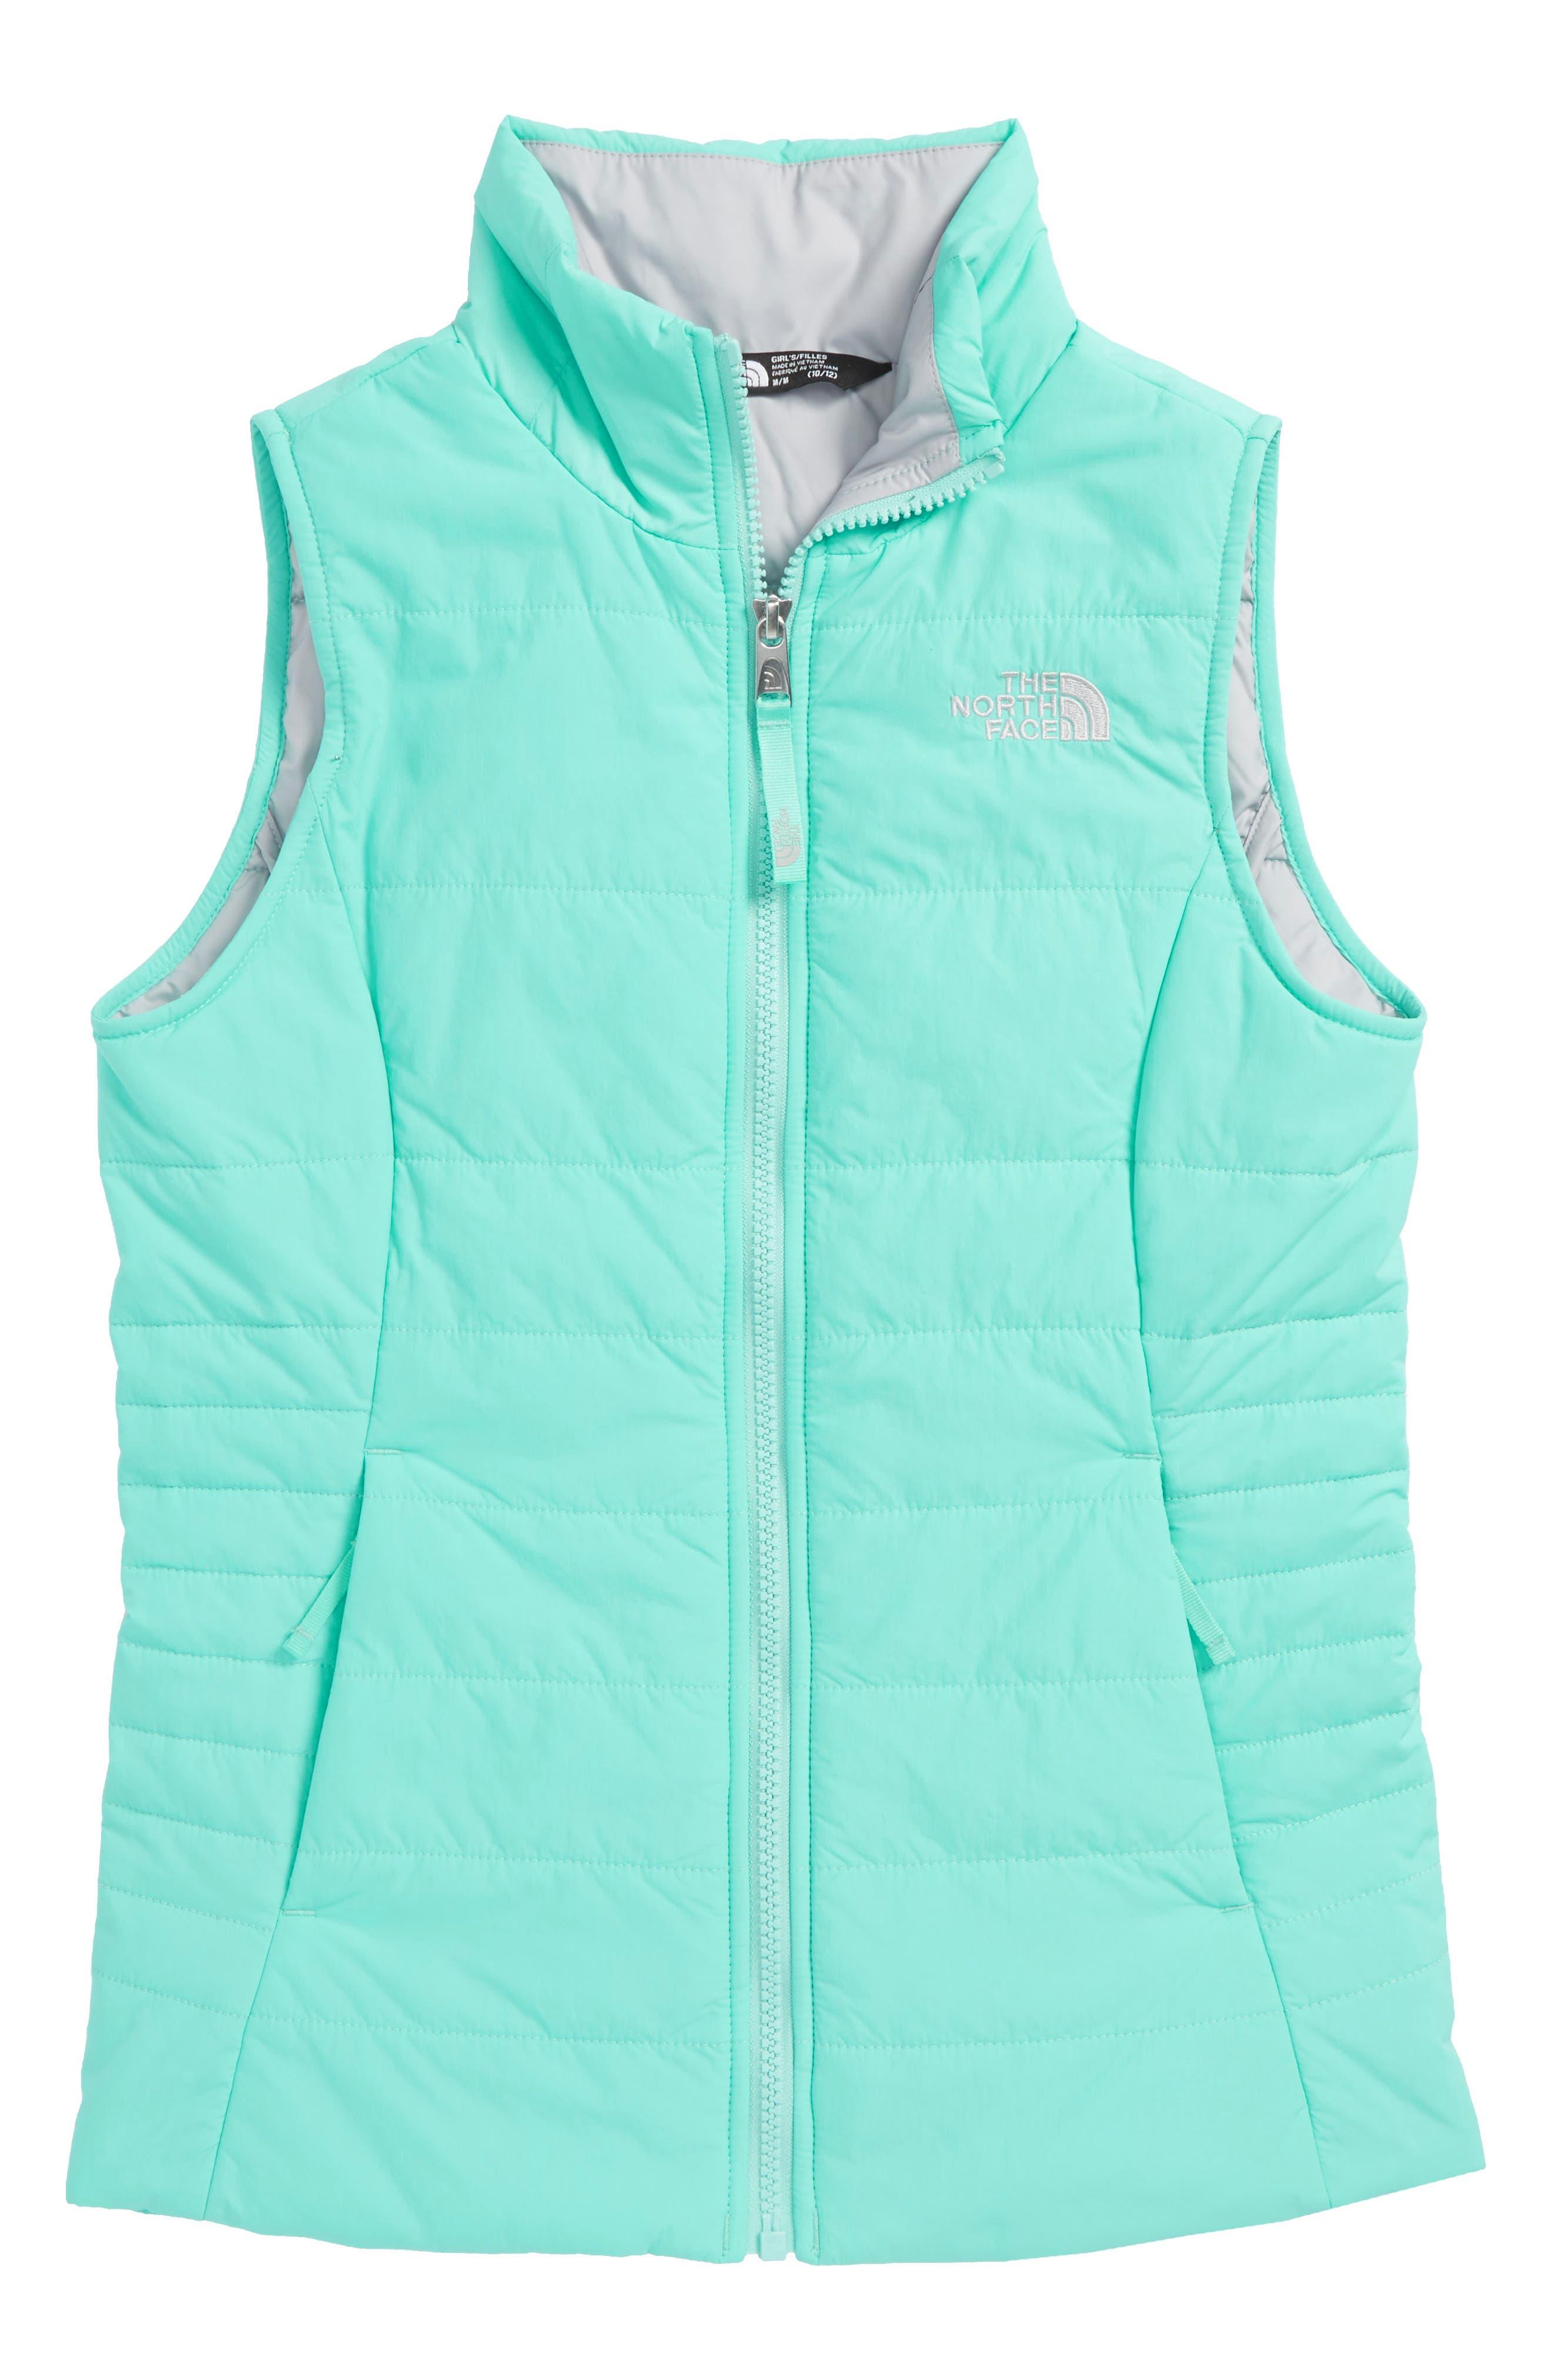 Harway Vest,                         Main,                         color, MINT BLUE